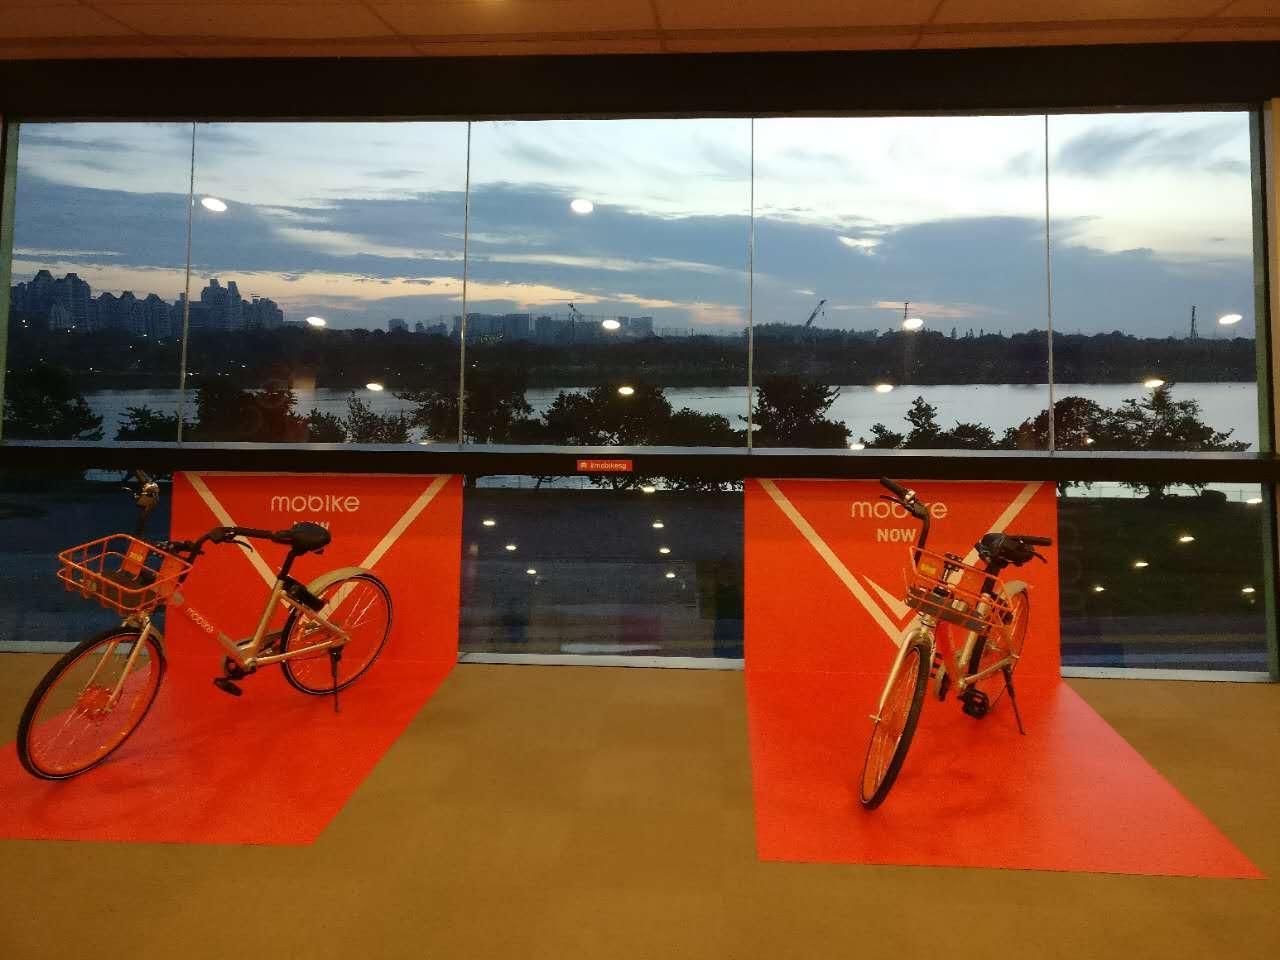 摩拜单车出海新加坡 共享单车迈出国际化扩张